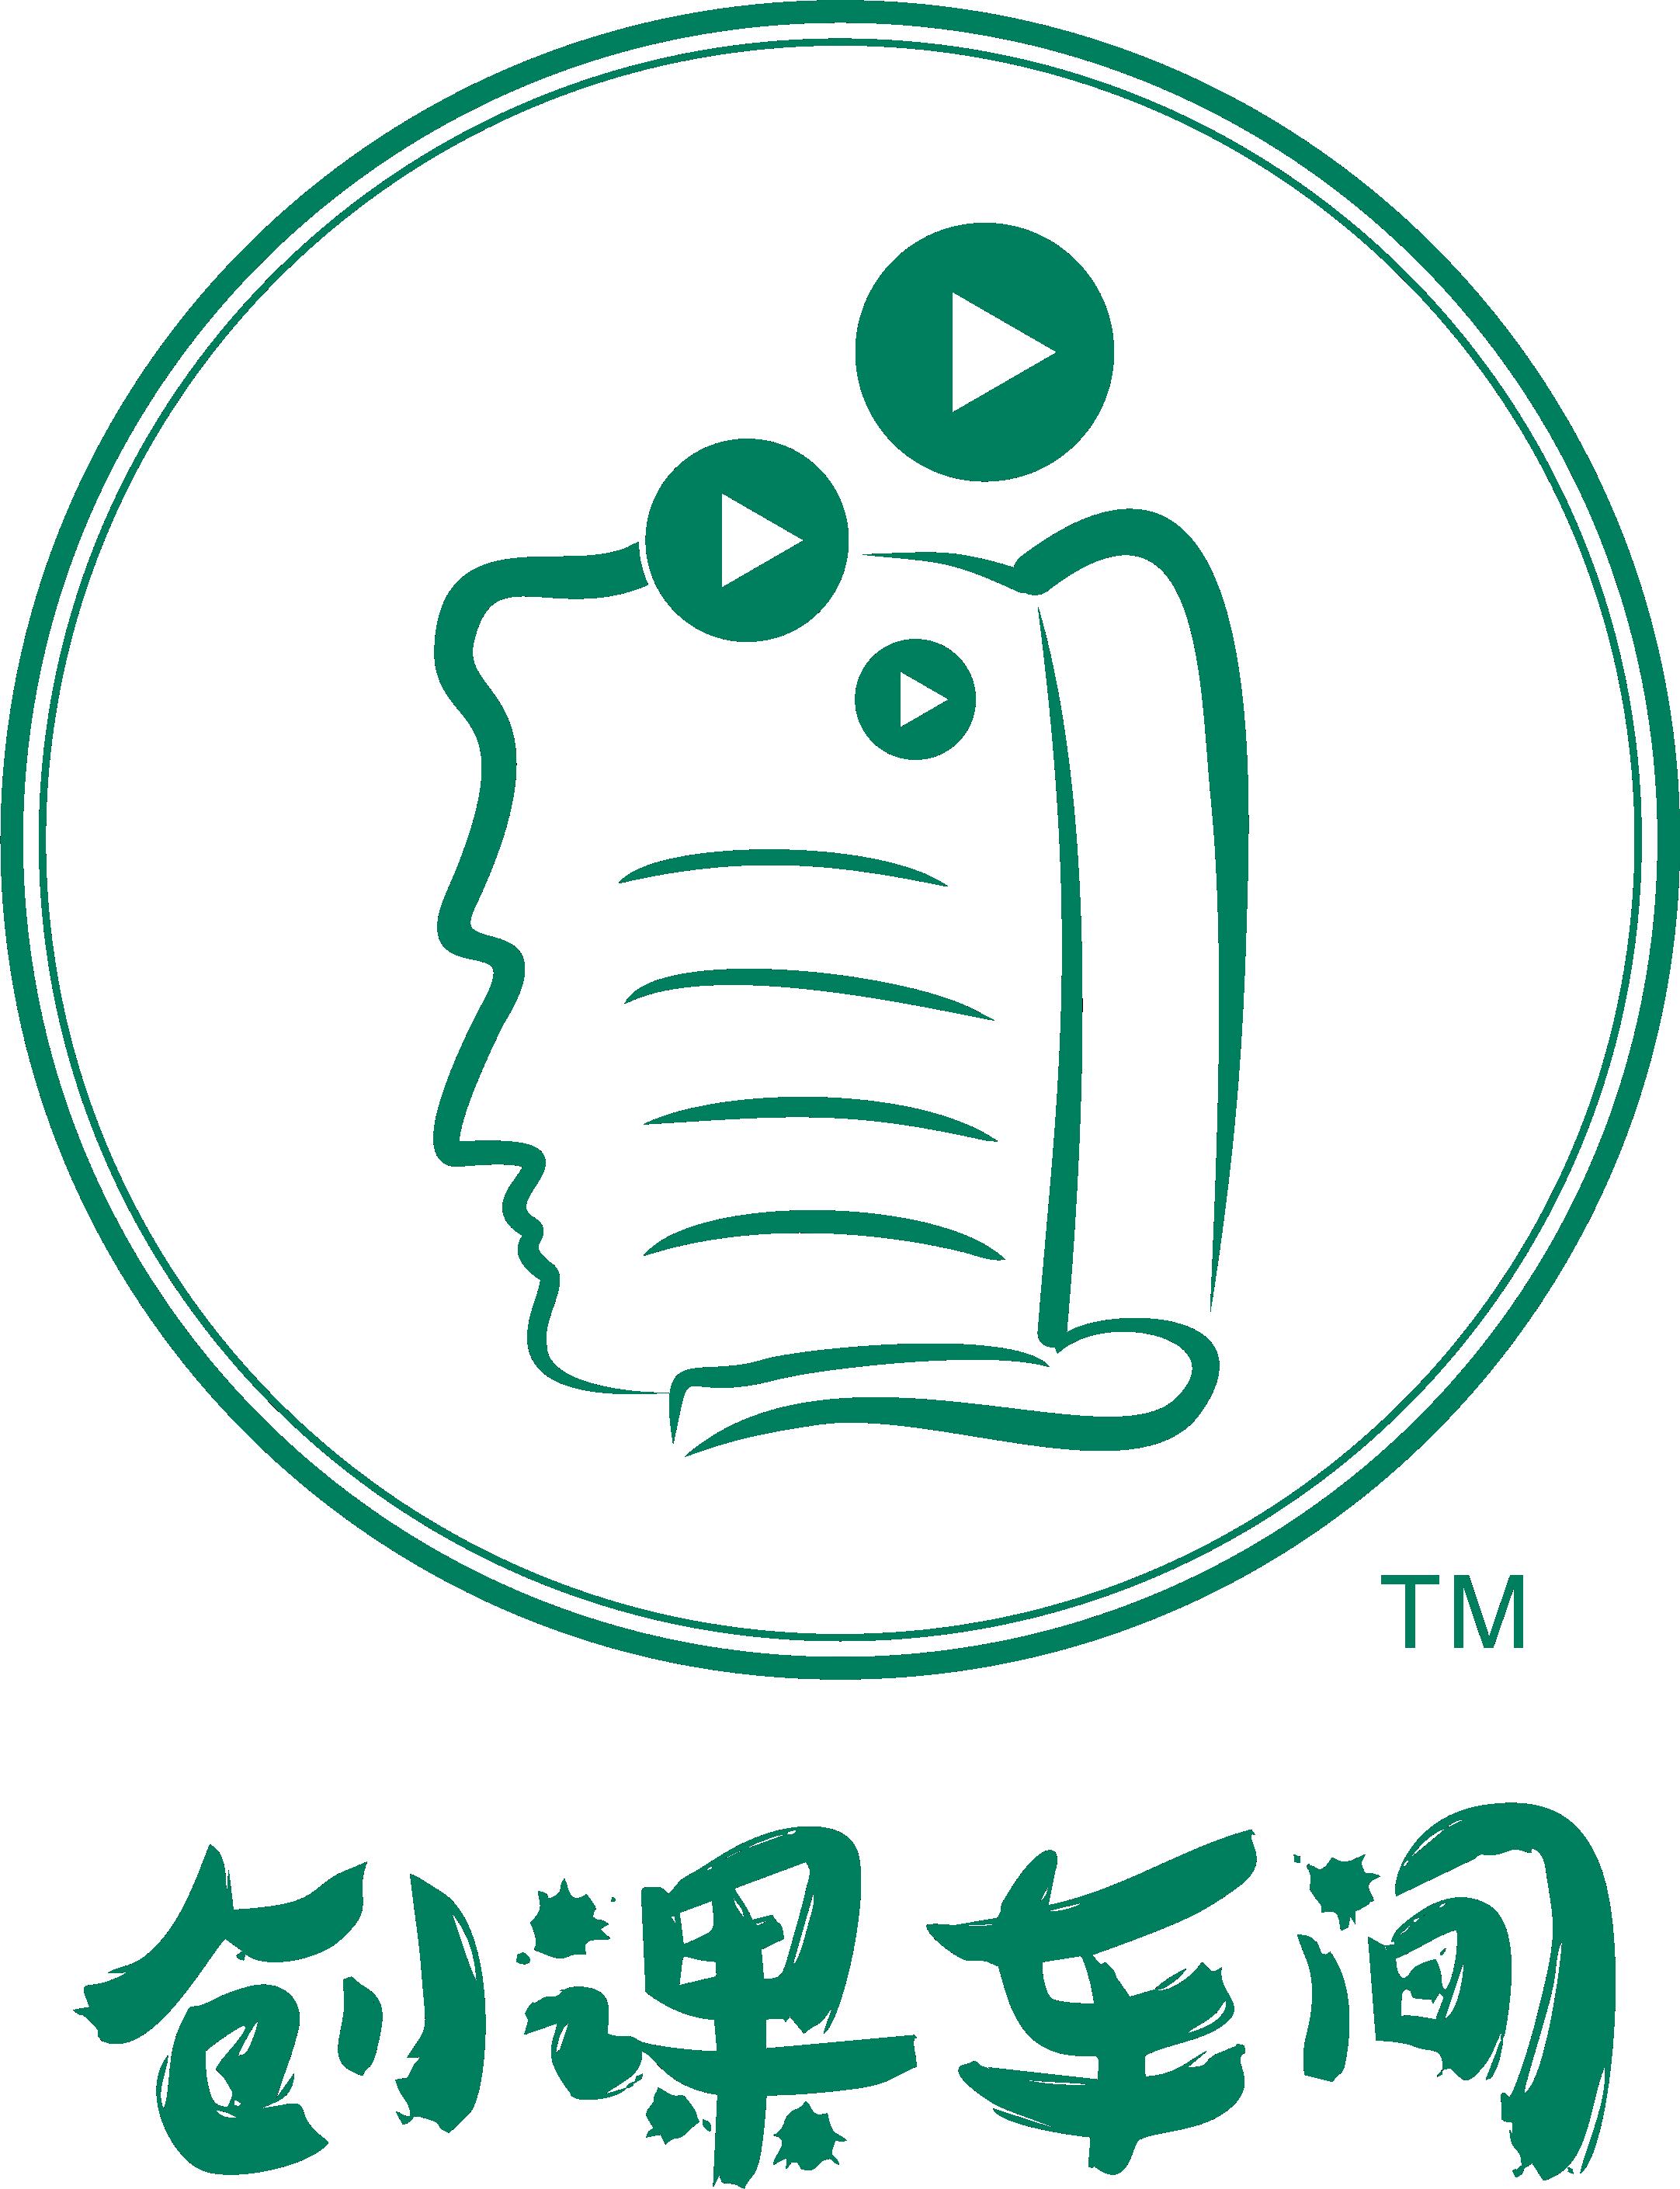 微课开发软件-成都企推宝-广州裕培信息科技有限公司